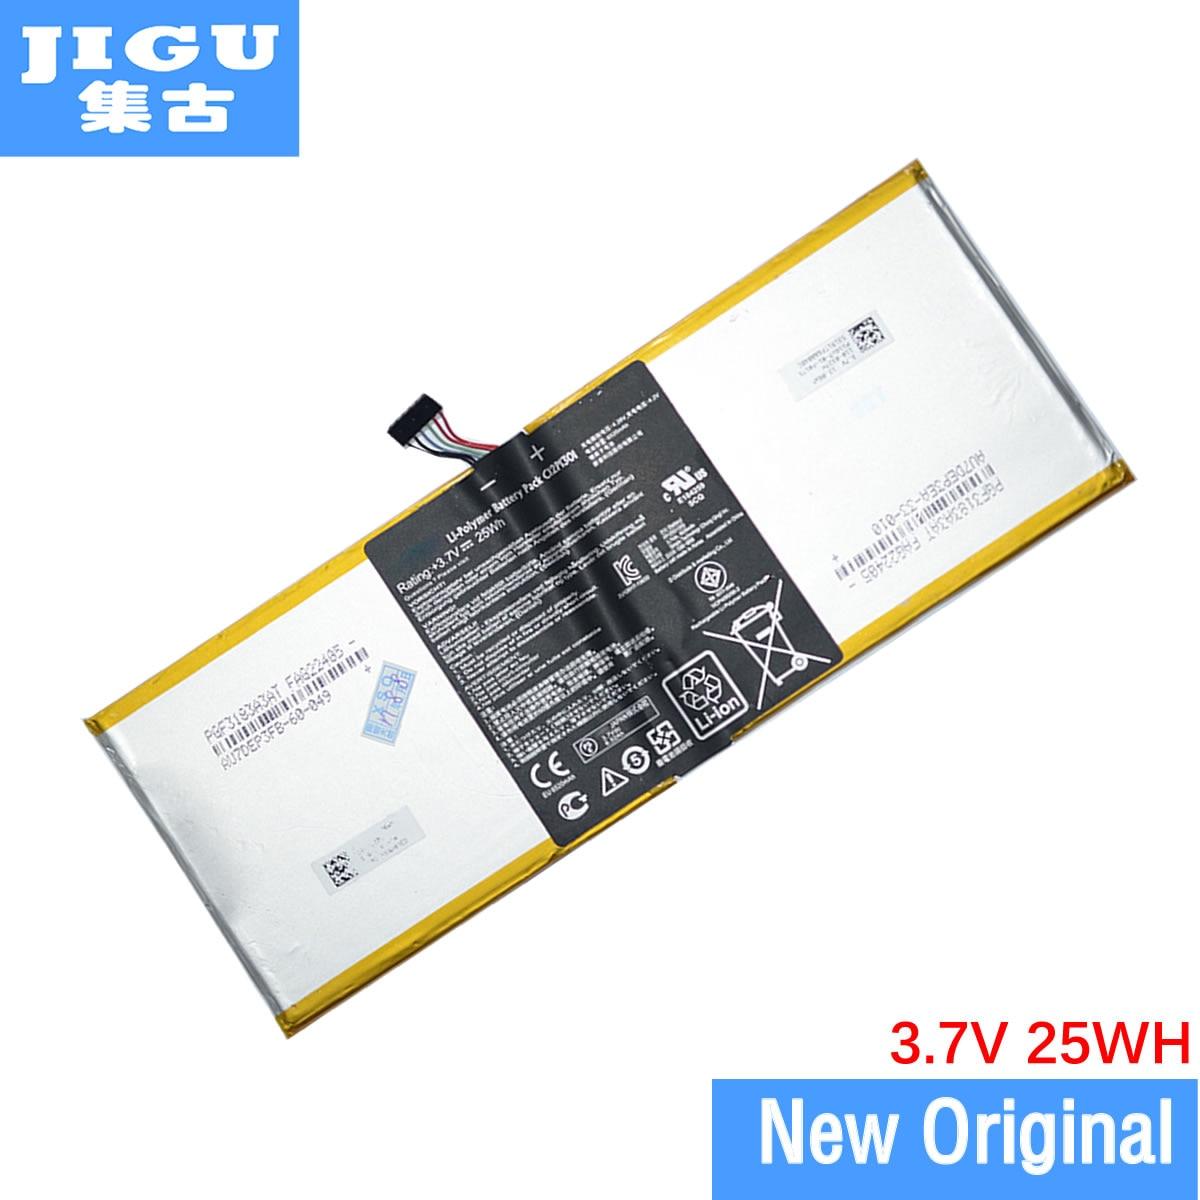 JIGU Original Laptop Battery C12P1301 For ASUS For MEMO PAD K00A (ME302C) For MemoPad 10.1